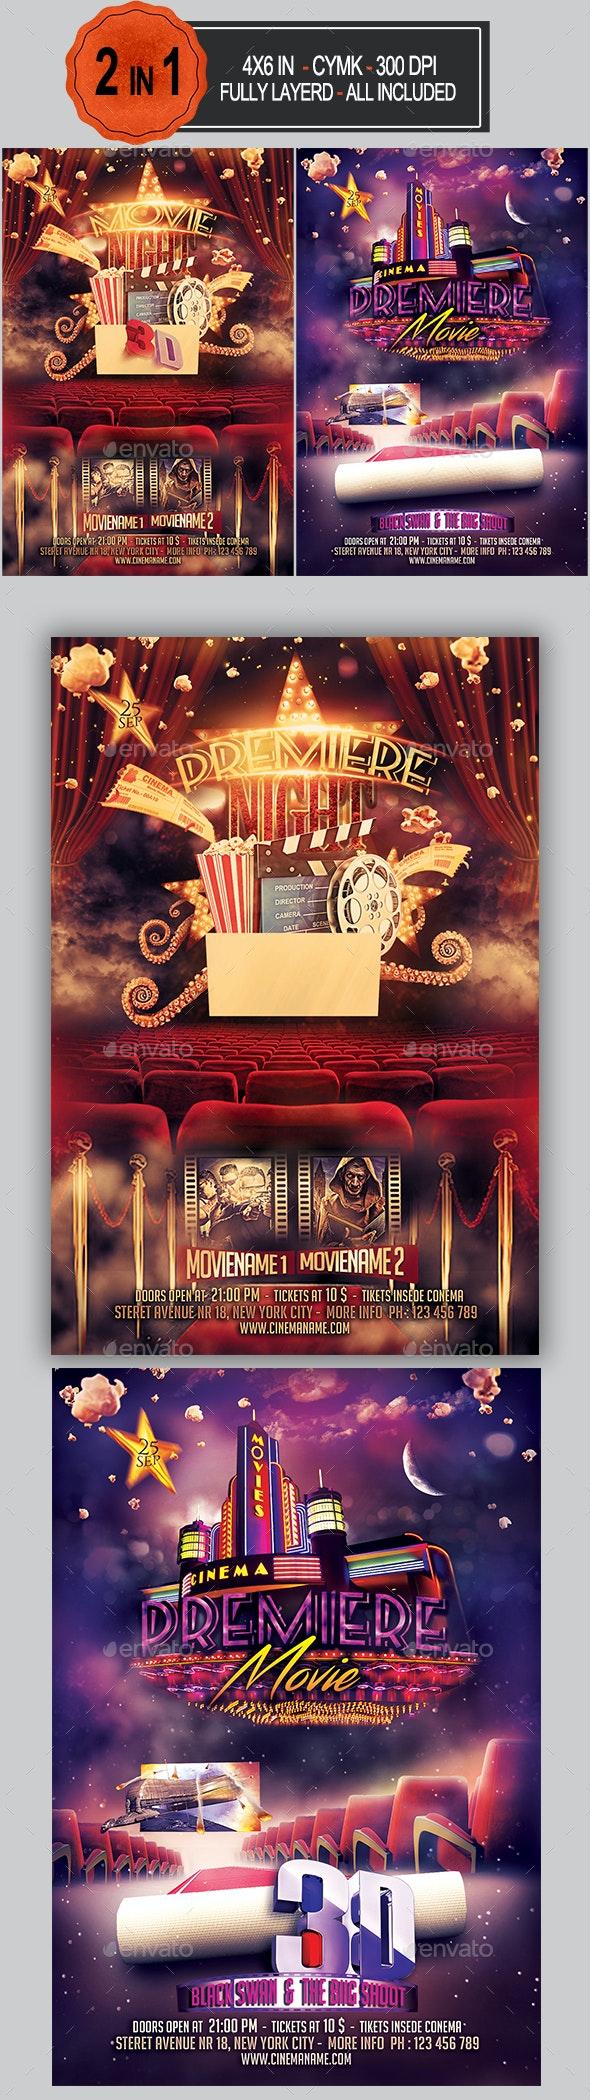 Premiere Movie Flyer Bundle - Miscellaneous Events